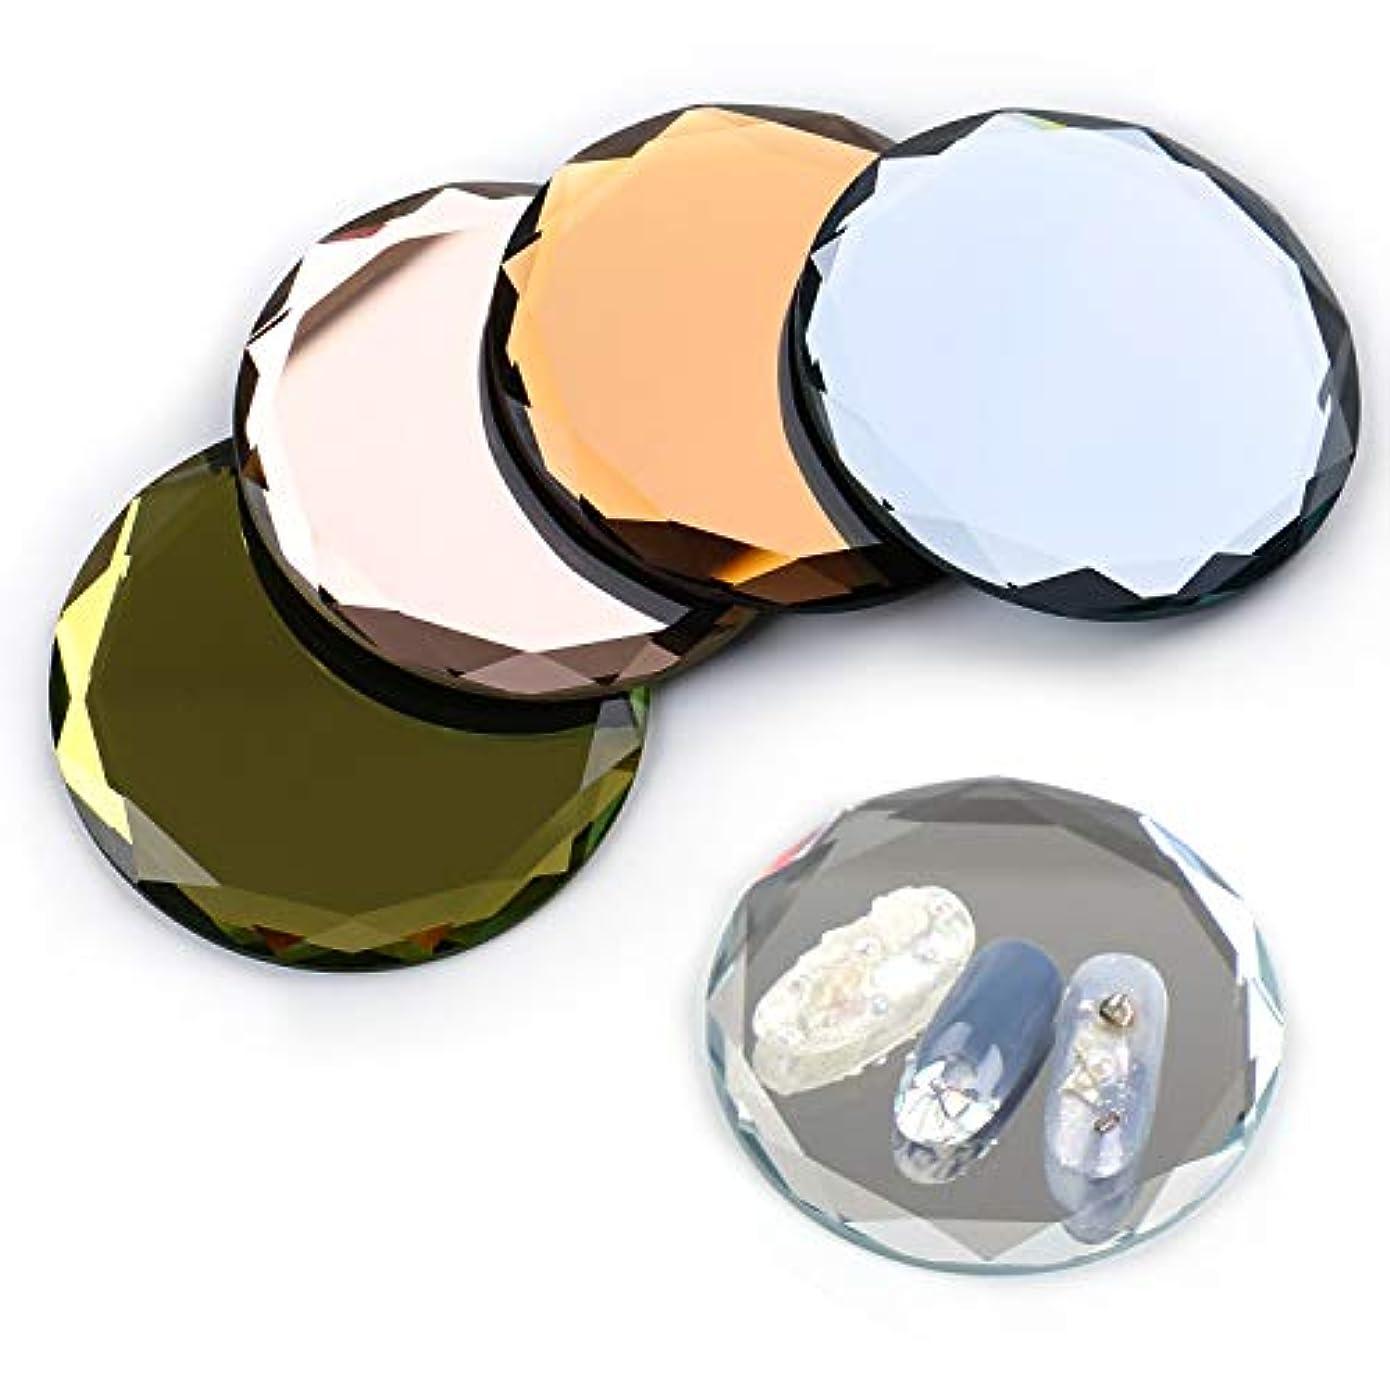 バンサミットペリスコープネイル パレット ミラーパレット 選べる5色 (A.グレー)